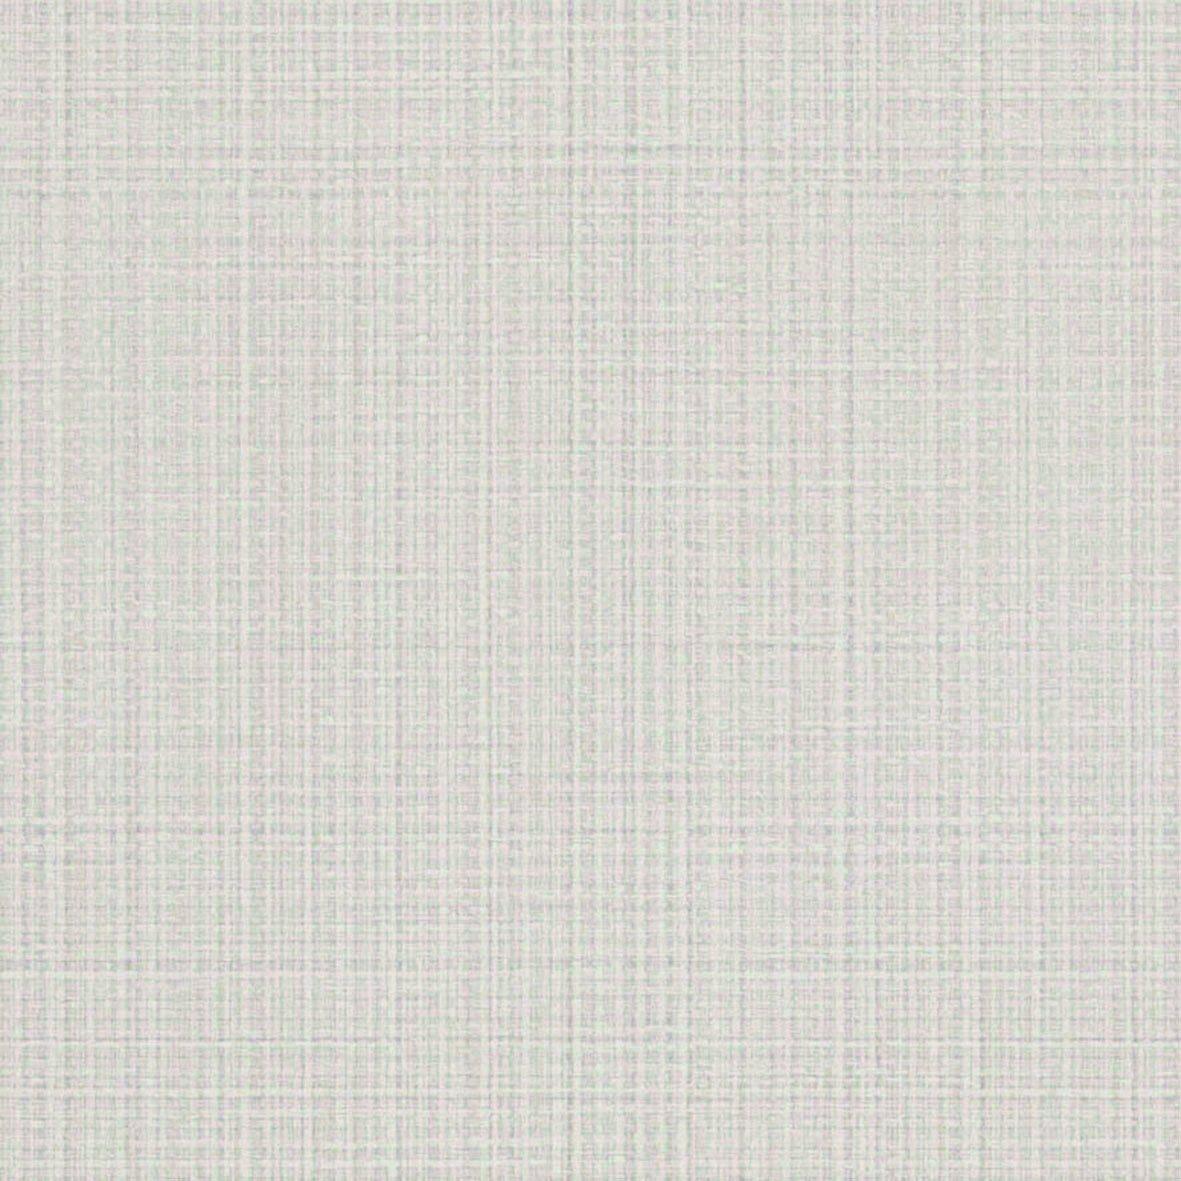 リリカラ 壁紙38m ナチュラル 織物調 グレー LL-8764 B01N3WBKIS 38m|グレー1